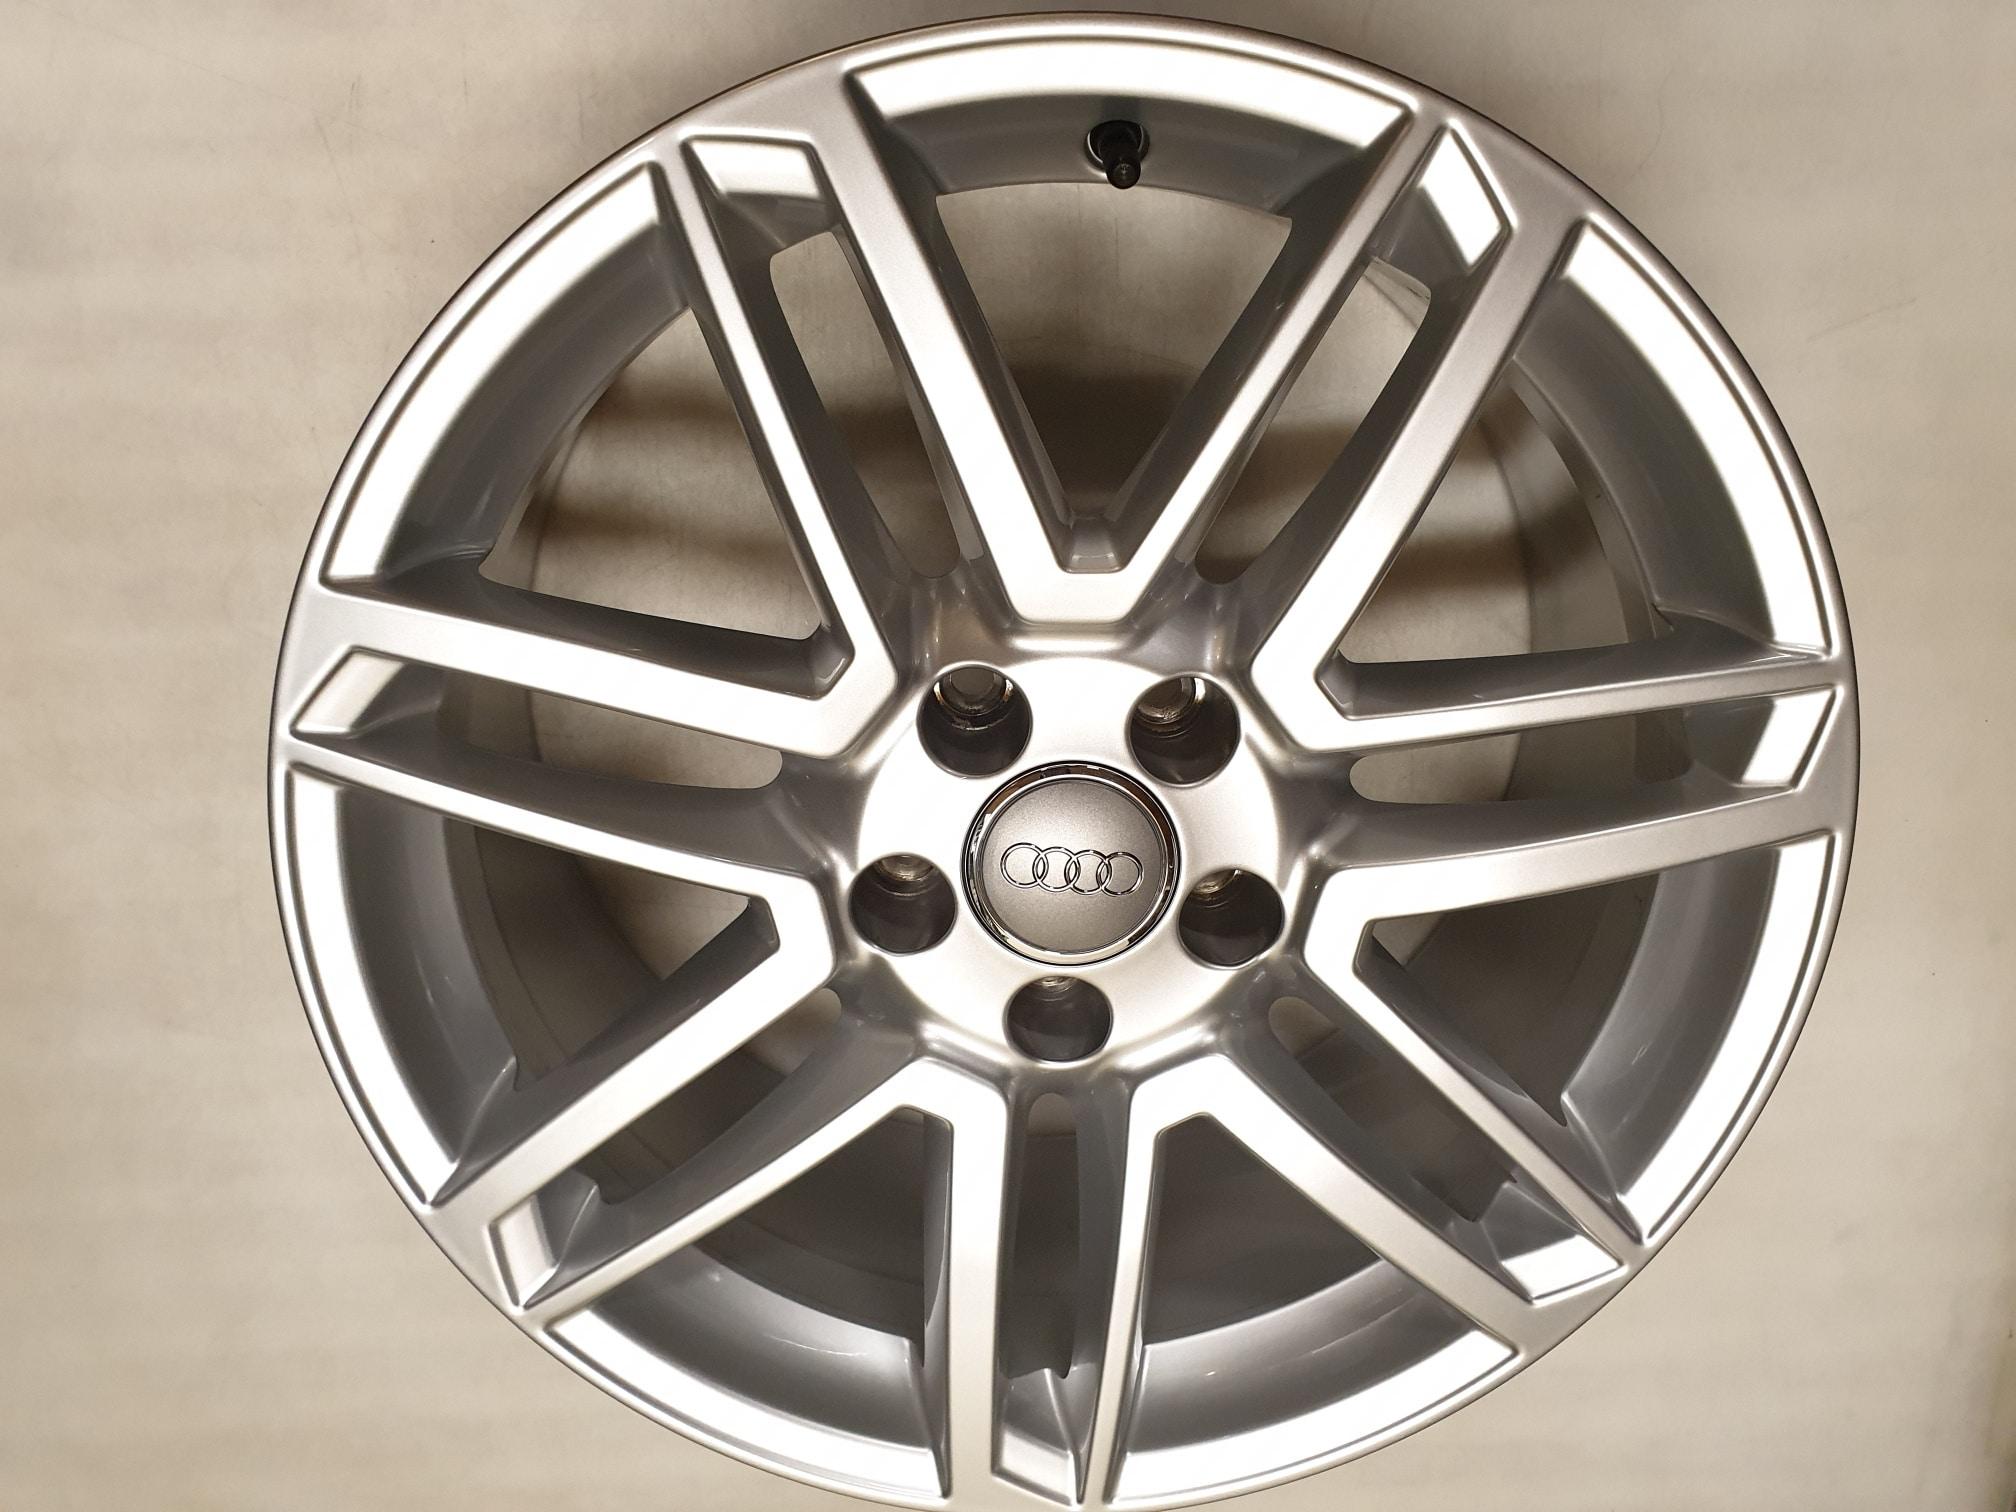 Originele Audi A6 Lichtmetalen Velgen 18 Inch 4g0601025ca